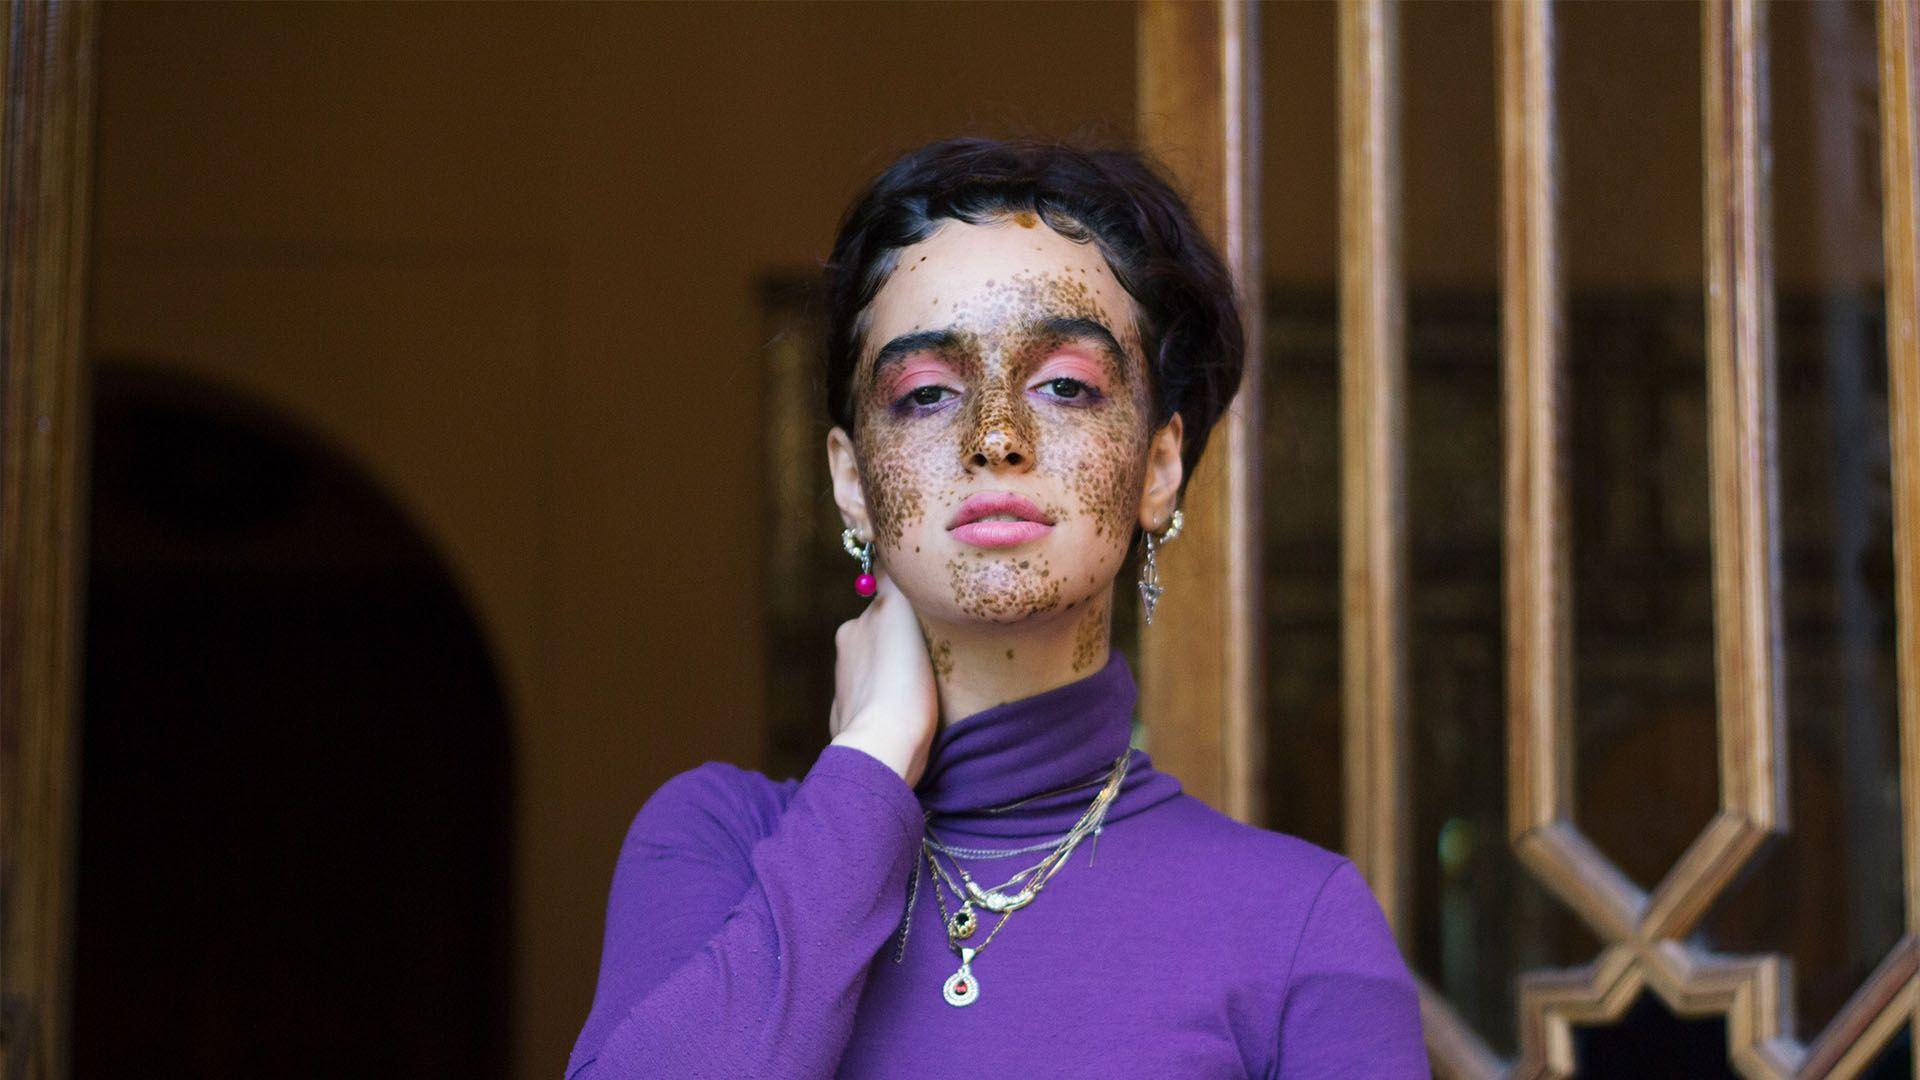 lady wearing a purple jumper